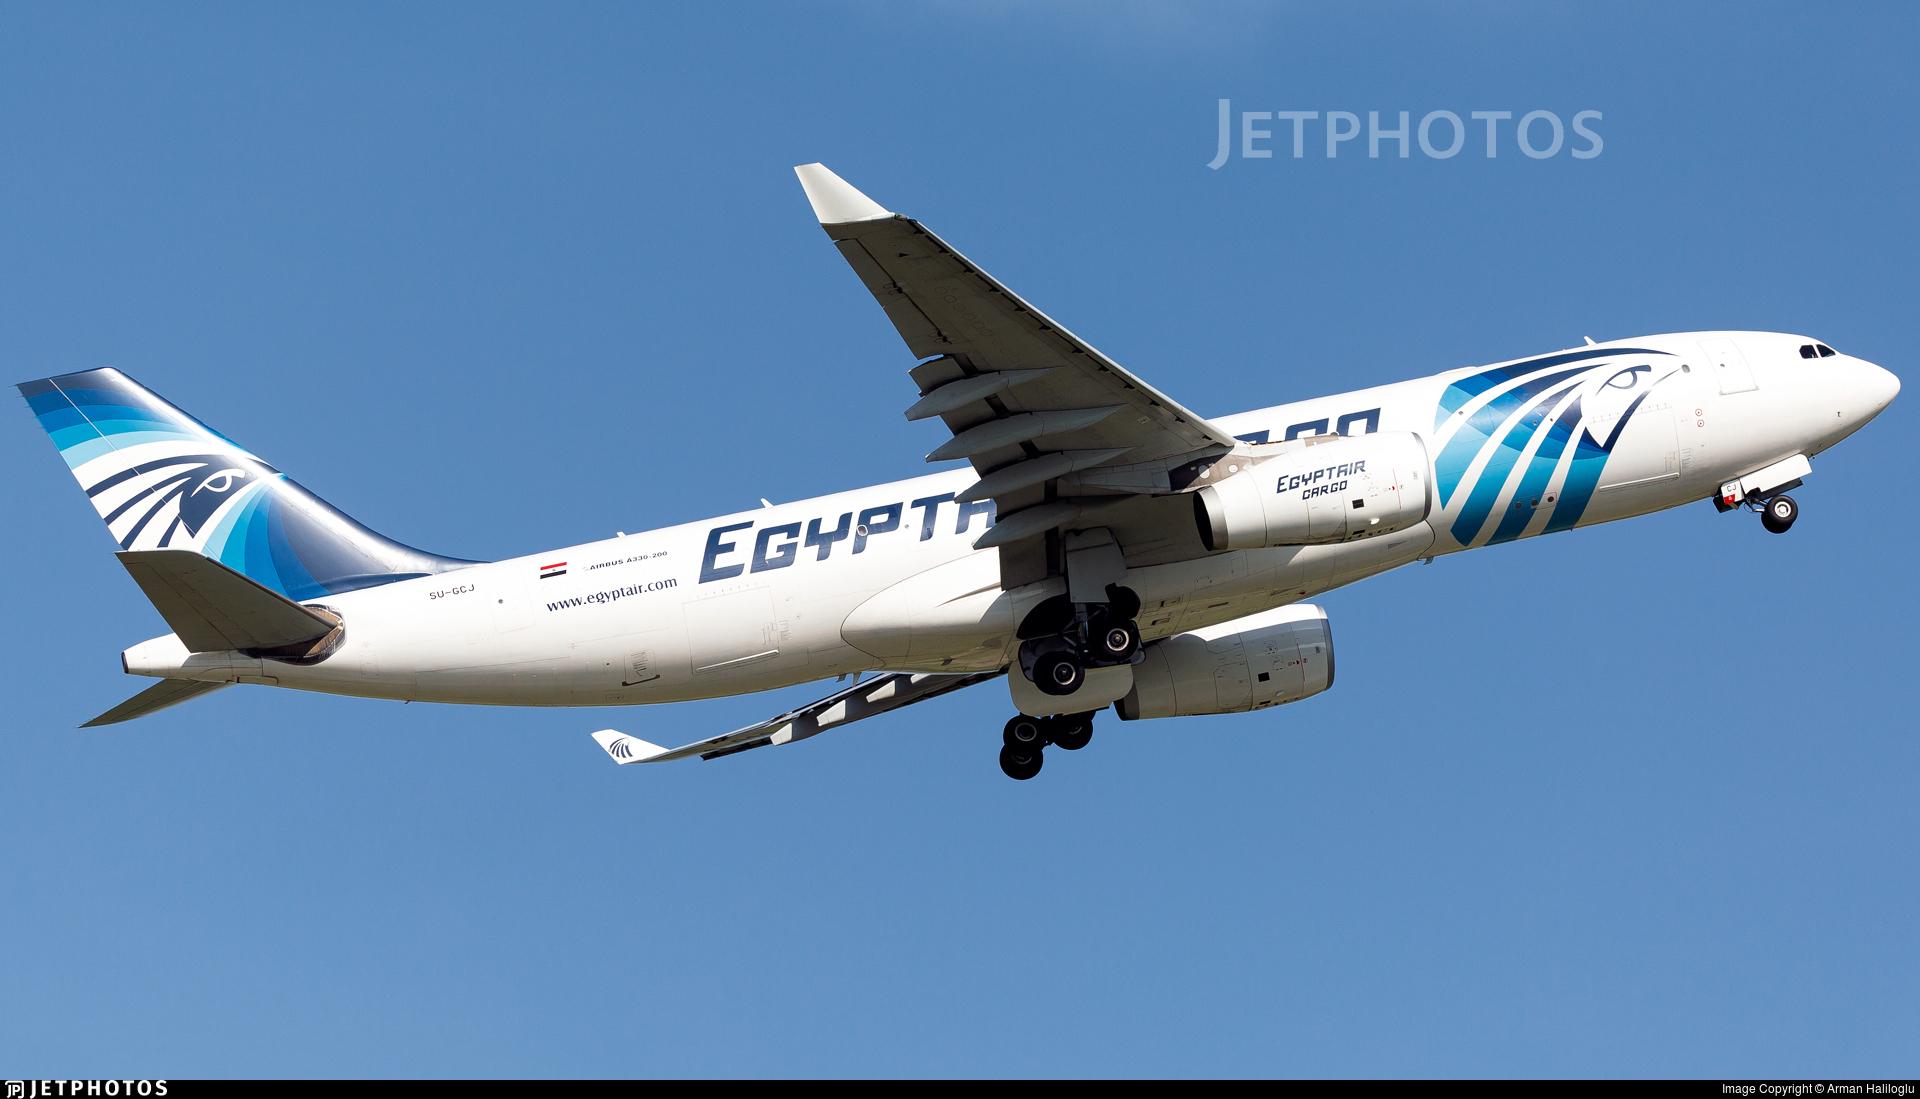 SU-GCJ - Airbus A330-243P2F - EgyptAir Cargo